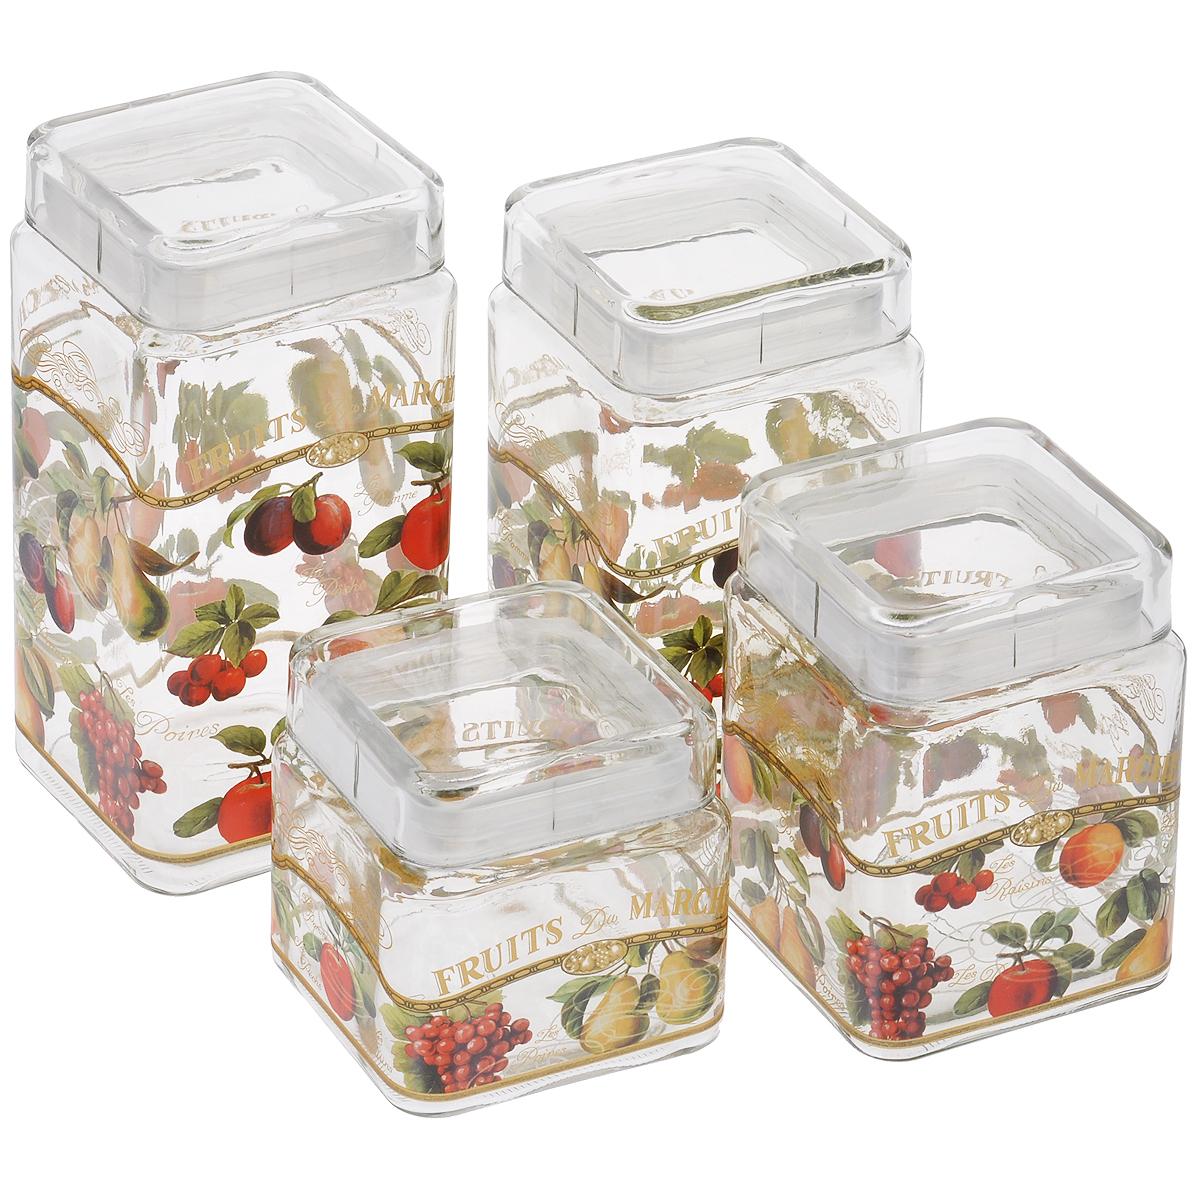 Набор банок для сыпучих продуктов Sinoglass Фрукты, 4 шт9356F60Набор Sinoglass Фрукты состоит из четырех банок разного объема, предназначенных для хранения сыпучих продуктов. Изделия выполнены из высококачественного стекла и украшены изображением фруктов. Герметичные крышки с силиконовыми прослойками дольше сохраняют продукты свежими и сухими. Банки идеальны для хранения круп, макарон, чая, кофе, сахара, орехов и других сыпучих продуктов. Благодаря прозрачным стенкам, можно видеть содержимое банок. Такой набор стильно дополнит интерьер кухни и станет незаменимым помощником в приготовлении ваших любимых блюд. Высота банок: 11 см; 15 см; 19 см; 23 см. Размер основания банок: 11 см х 11 см. Объем банок: 2.1 л, 1.68 л, 1.24 л, 0.8 л.